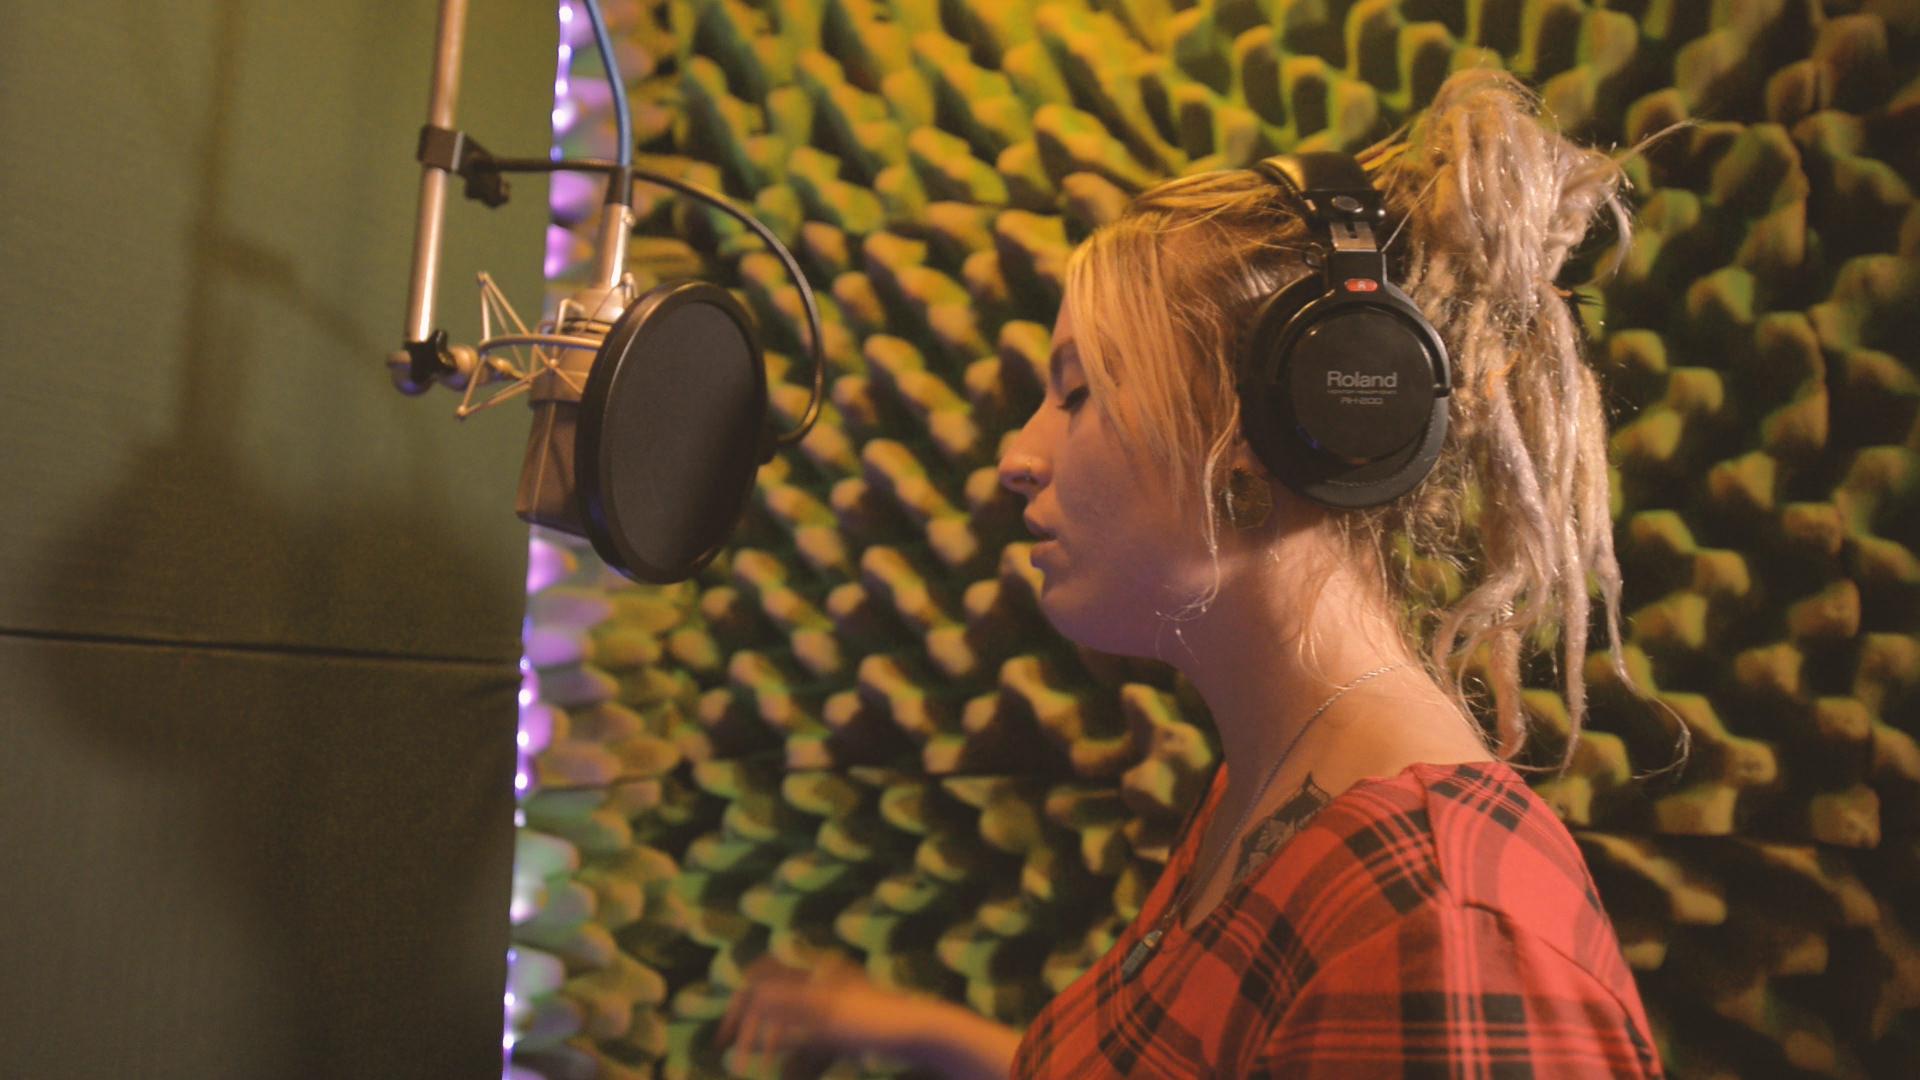 Sound_Sound_Studio_Ad_p1 raw footage.01_03_17_07.Still084.jpg